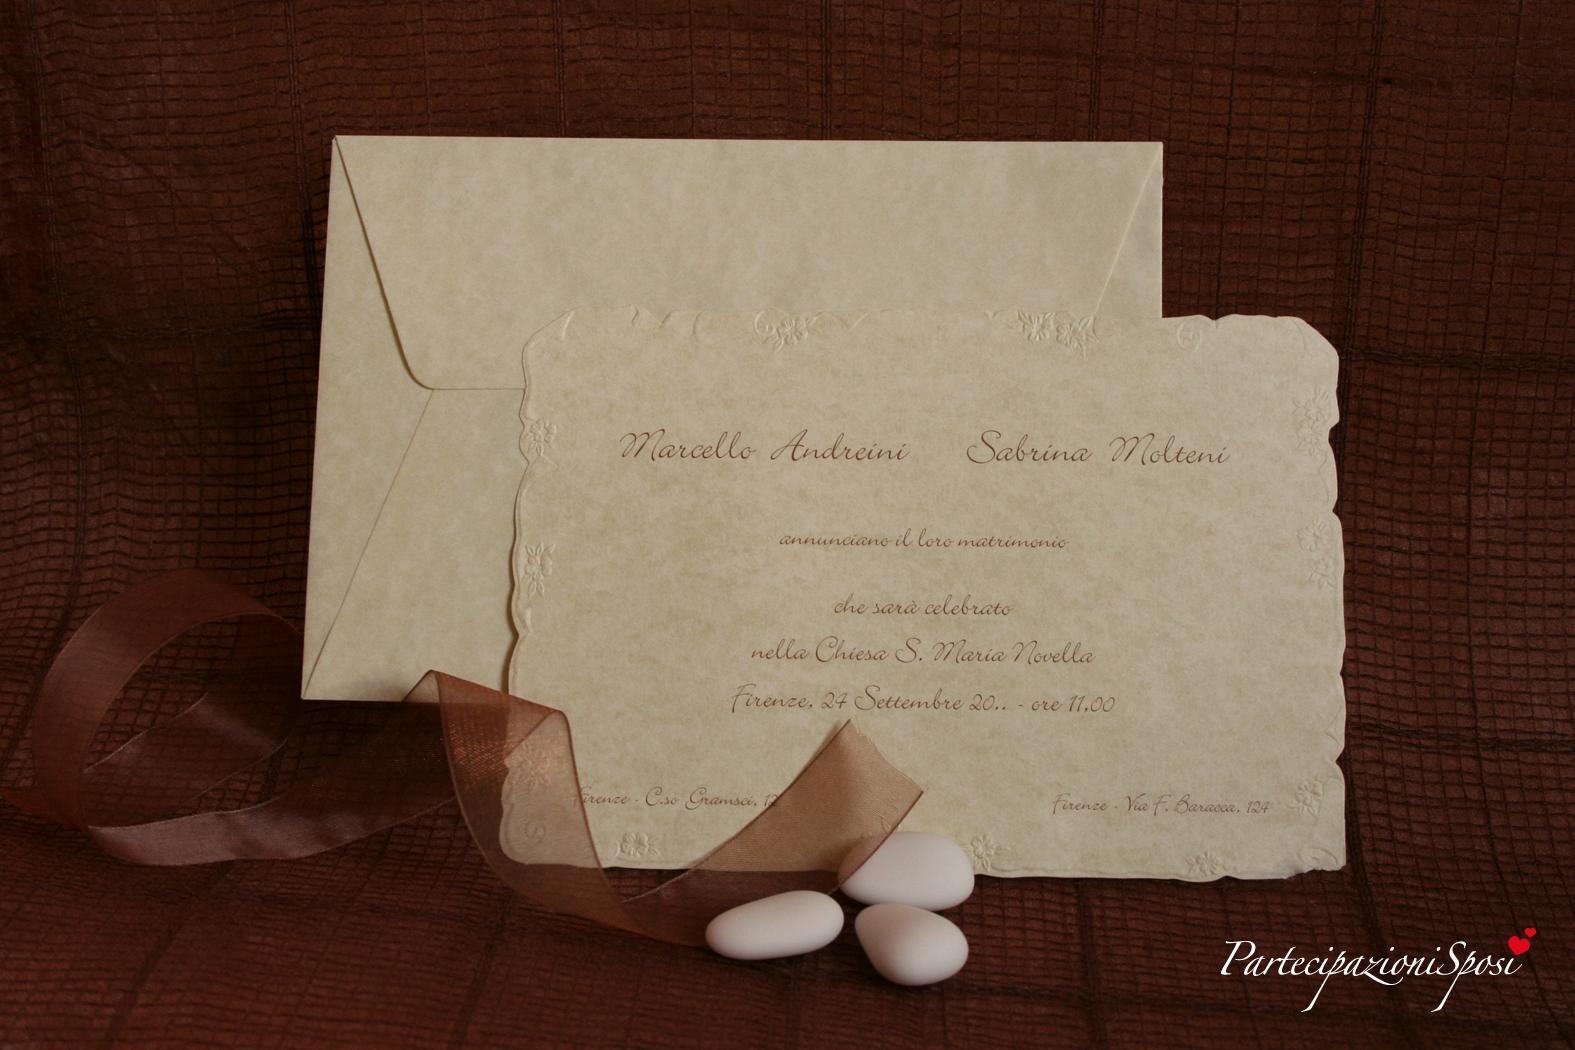 Biglietti Auguri Matrimonio Classici : Partecipazioni sposi stampa nozze inviti